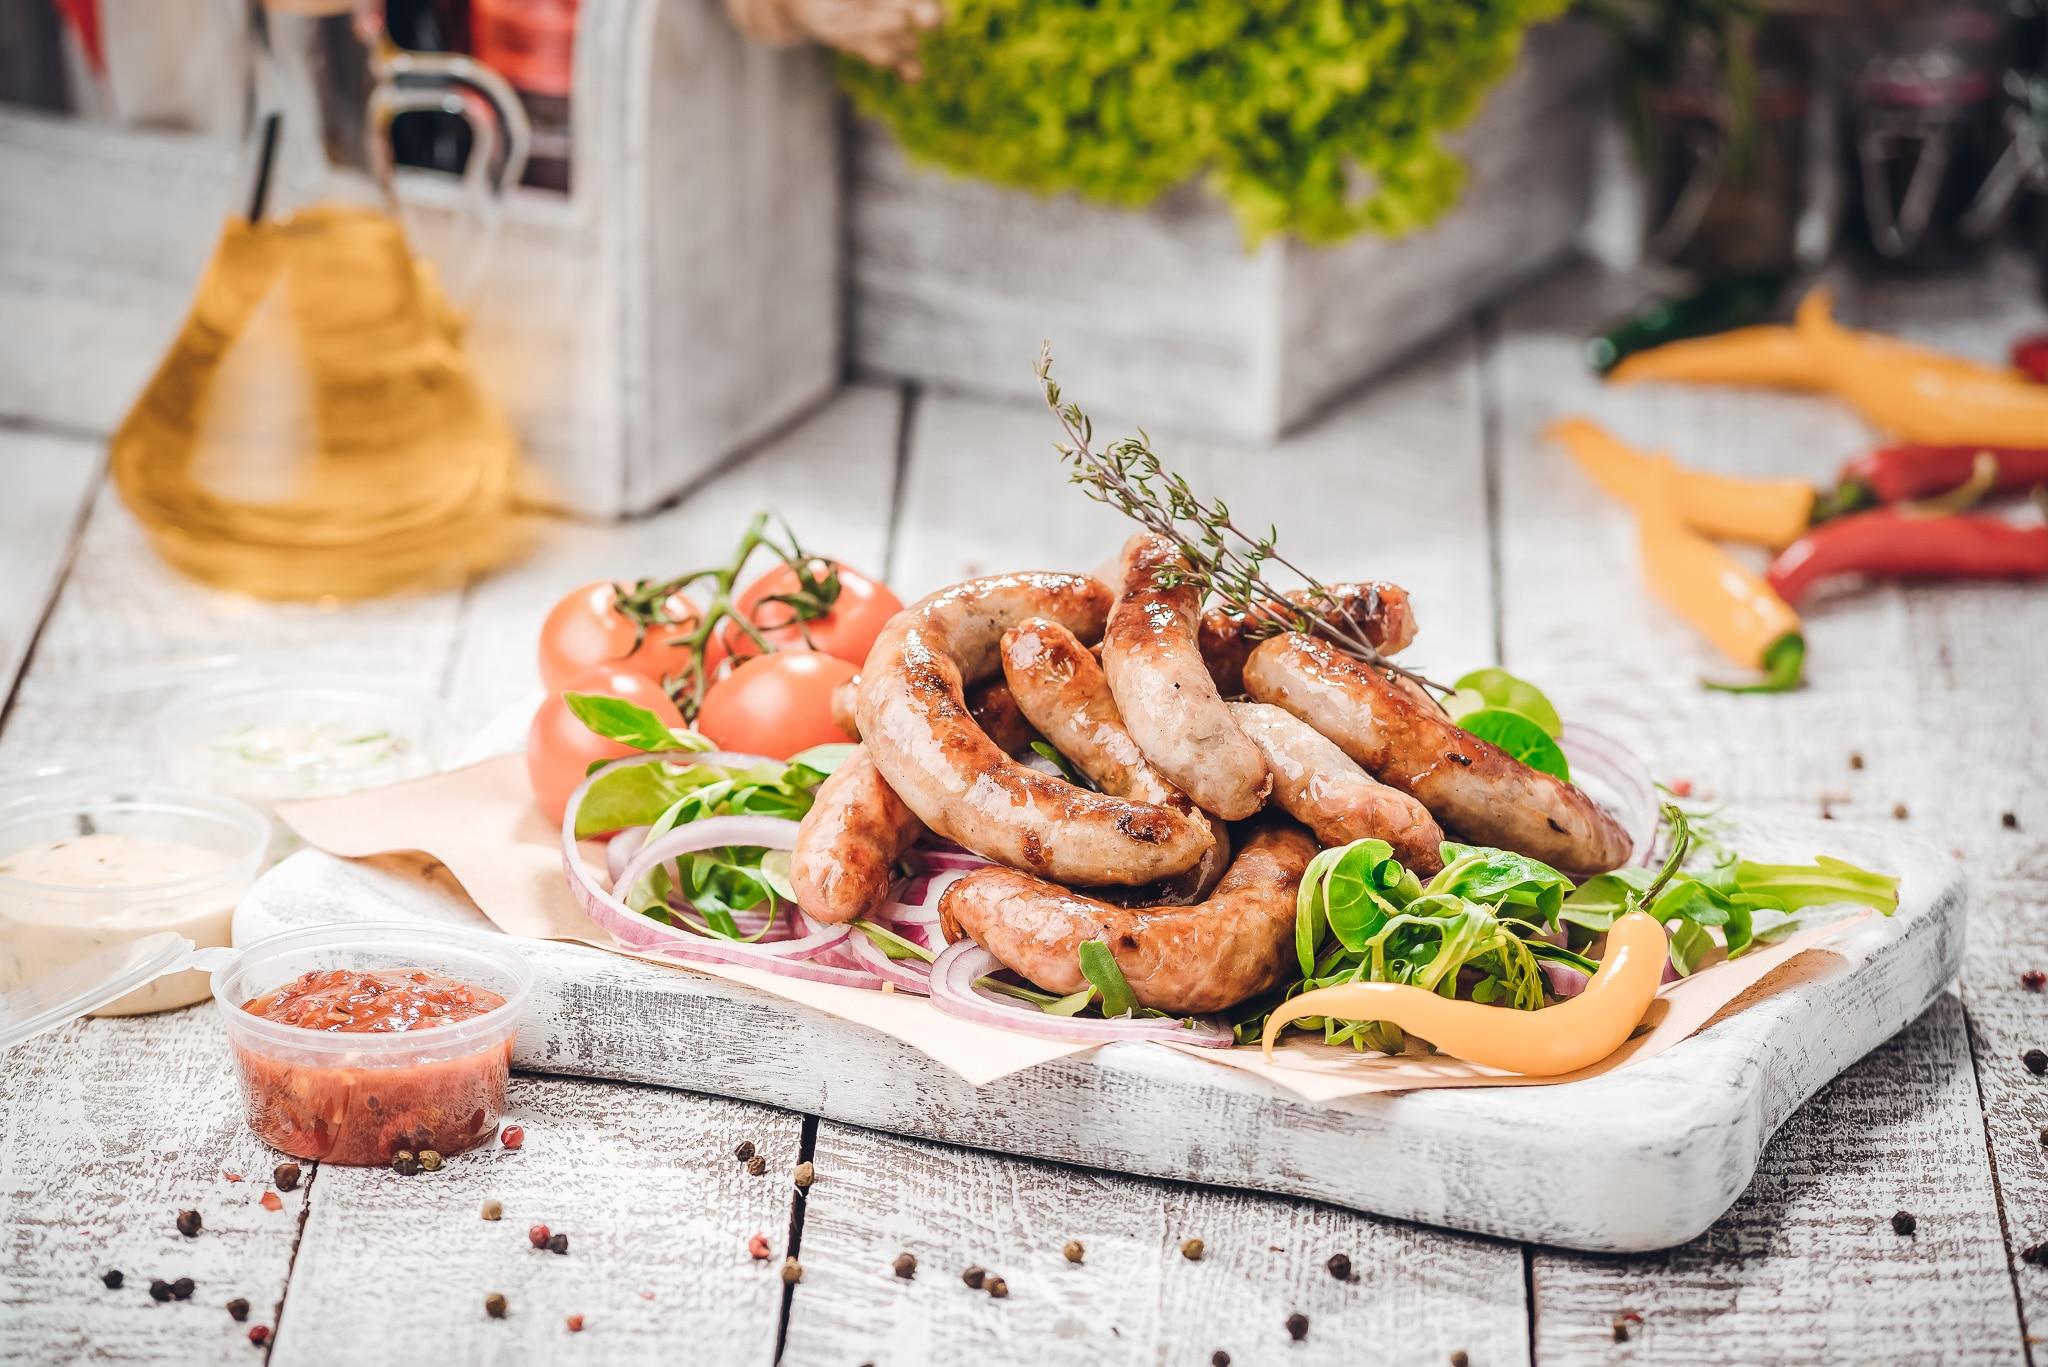 Bratwurst-Gewürze - dieses Bild zeigt kleine Bratwürstchen